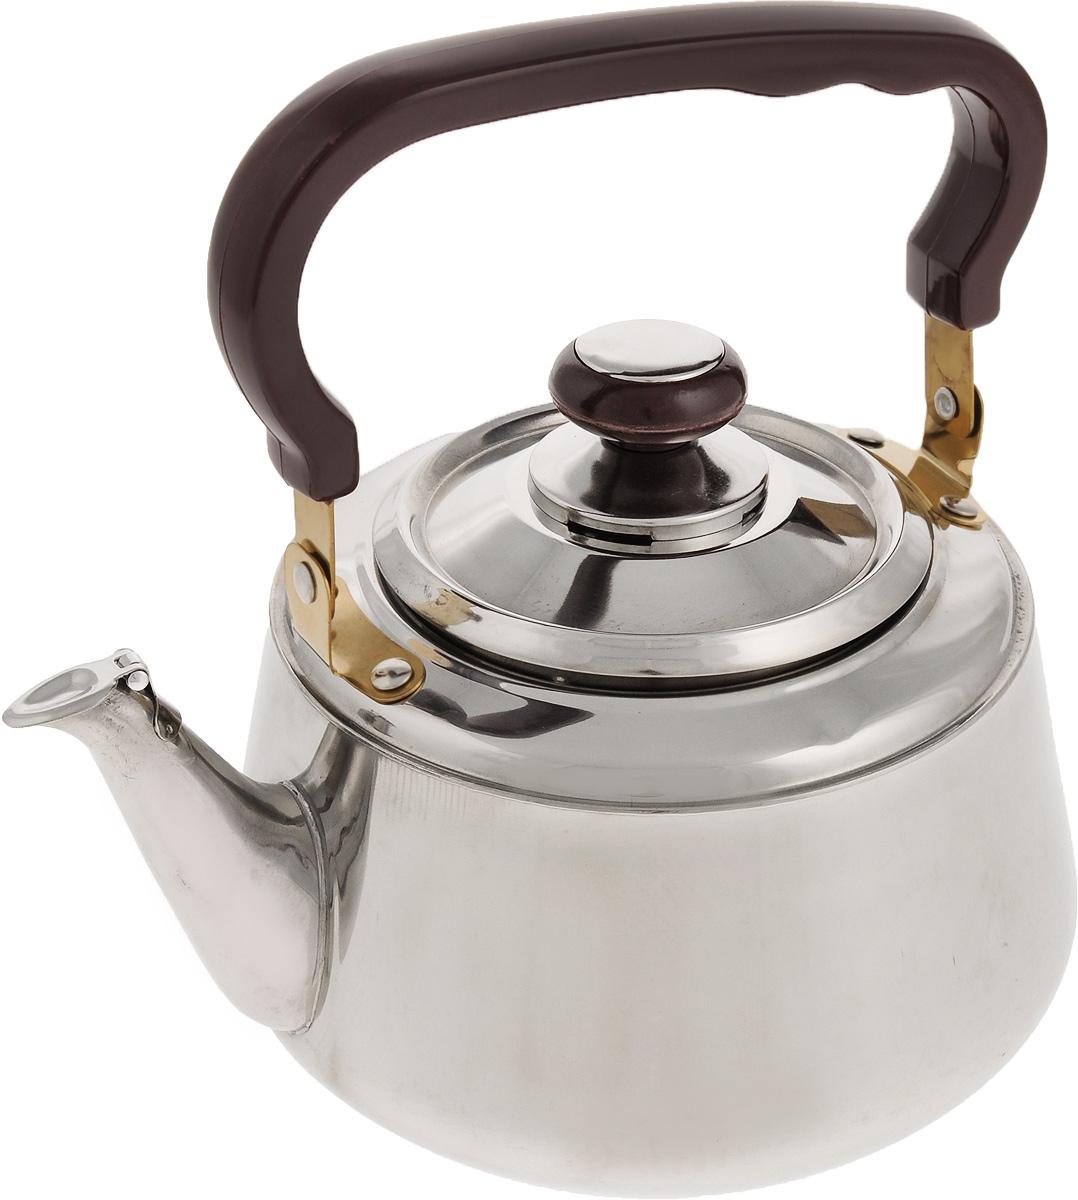 Чайник Mayer & Boch, со свистком, 2 л. 1039VT-1520(SR)Чайник Mayer & Boch изготовлен из высококачественной нержавеющей стали. Он оснащен удобной ручкой из бакелита, что делает использование чайника очень удобным и безопасным. Крышка снабжена свистком, позволяя контролировать процесс подогрева или кипячения воды.Эстетичный и функциональный чайник будет оригинально смотреться в любом интерьере.Подходит для стеклокерамических, газовых, электрических плит. Можно мыть в посудомоечной машине.Высота чайника (без учета ручки и крышки): 11,5 см.Высота чайника (с учетом ручки и крышки): 22,5 см.Диаметр чайника (по верхнему краю): 10 см.